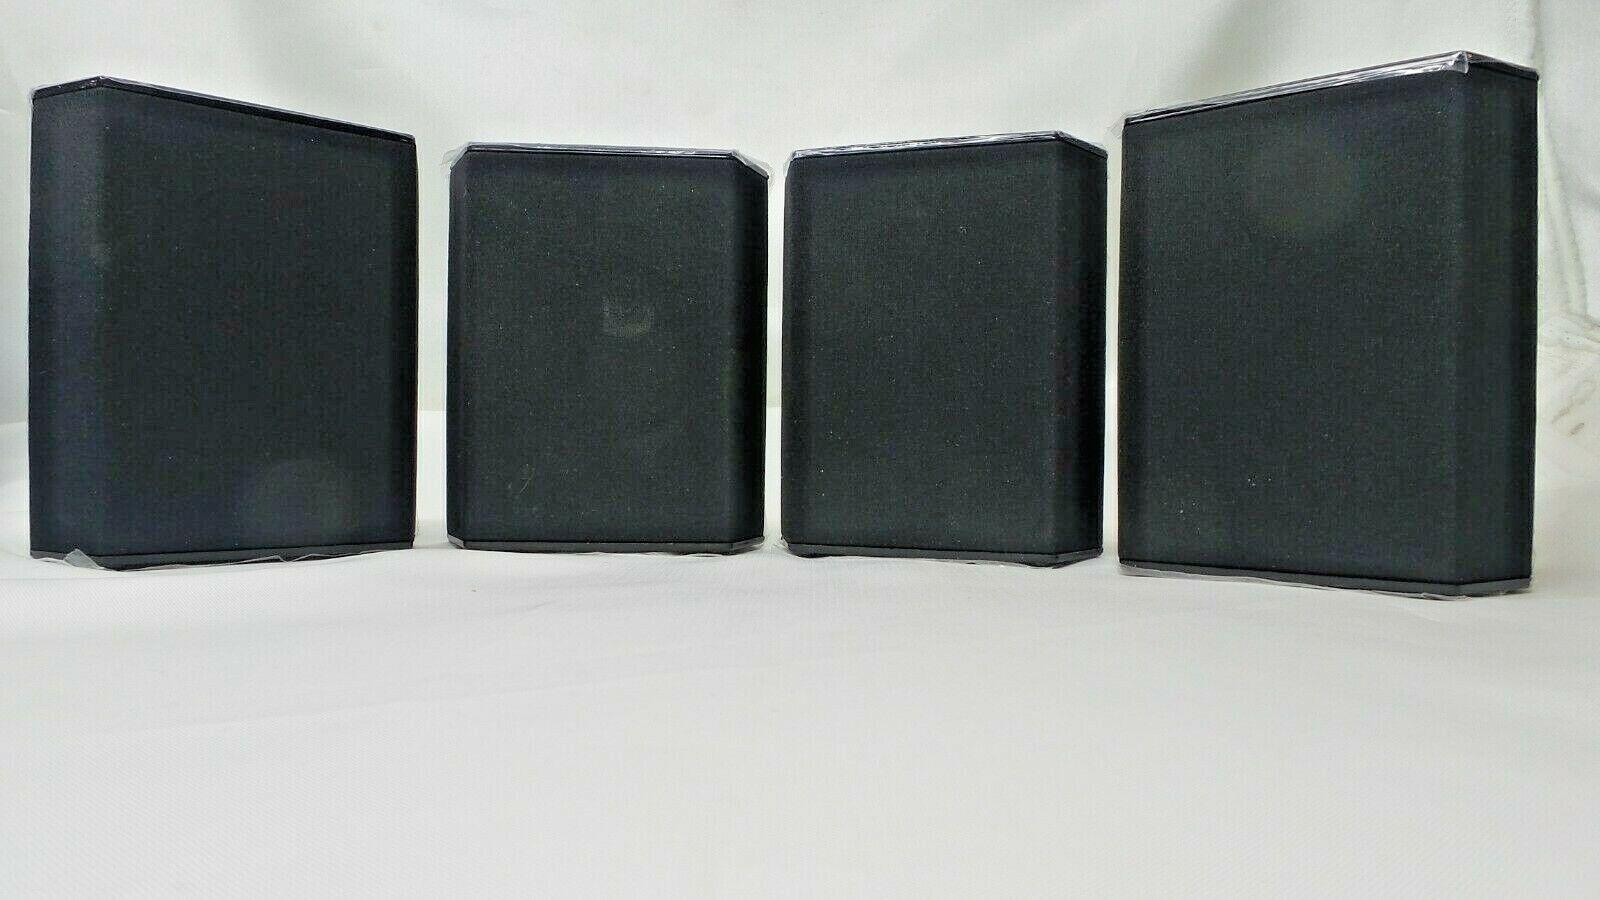 Samsung Surround Sound Speaker System PS-FS1-1 4 Speaker Set